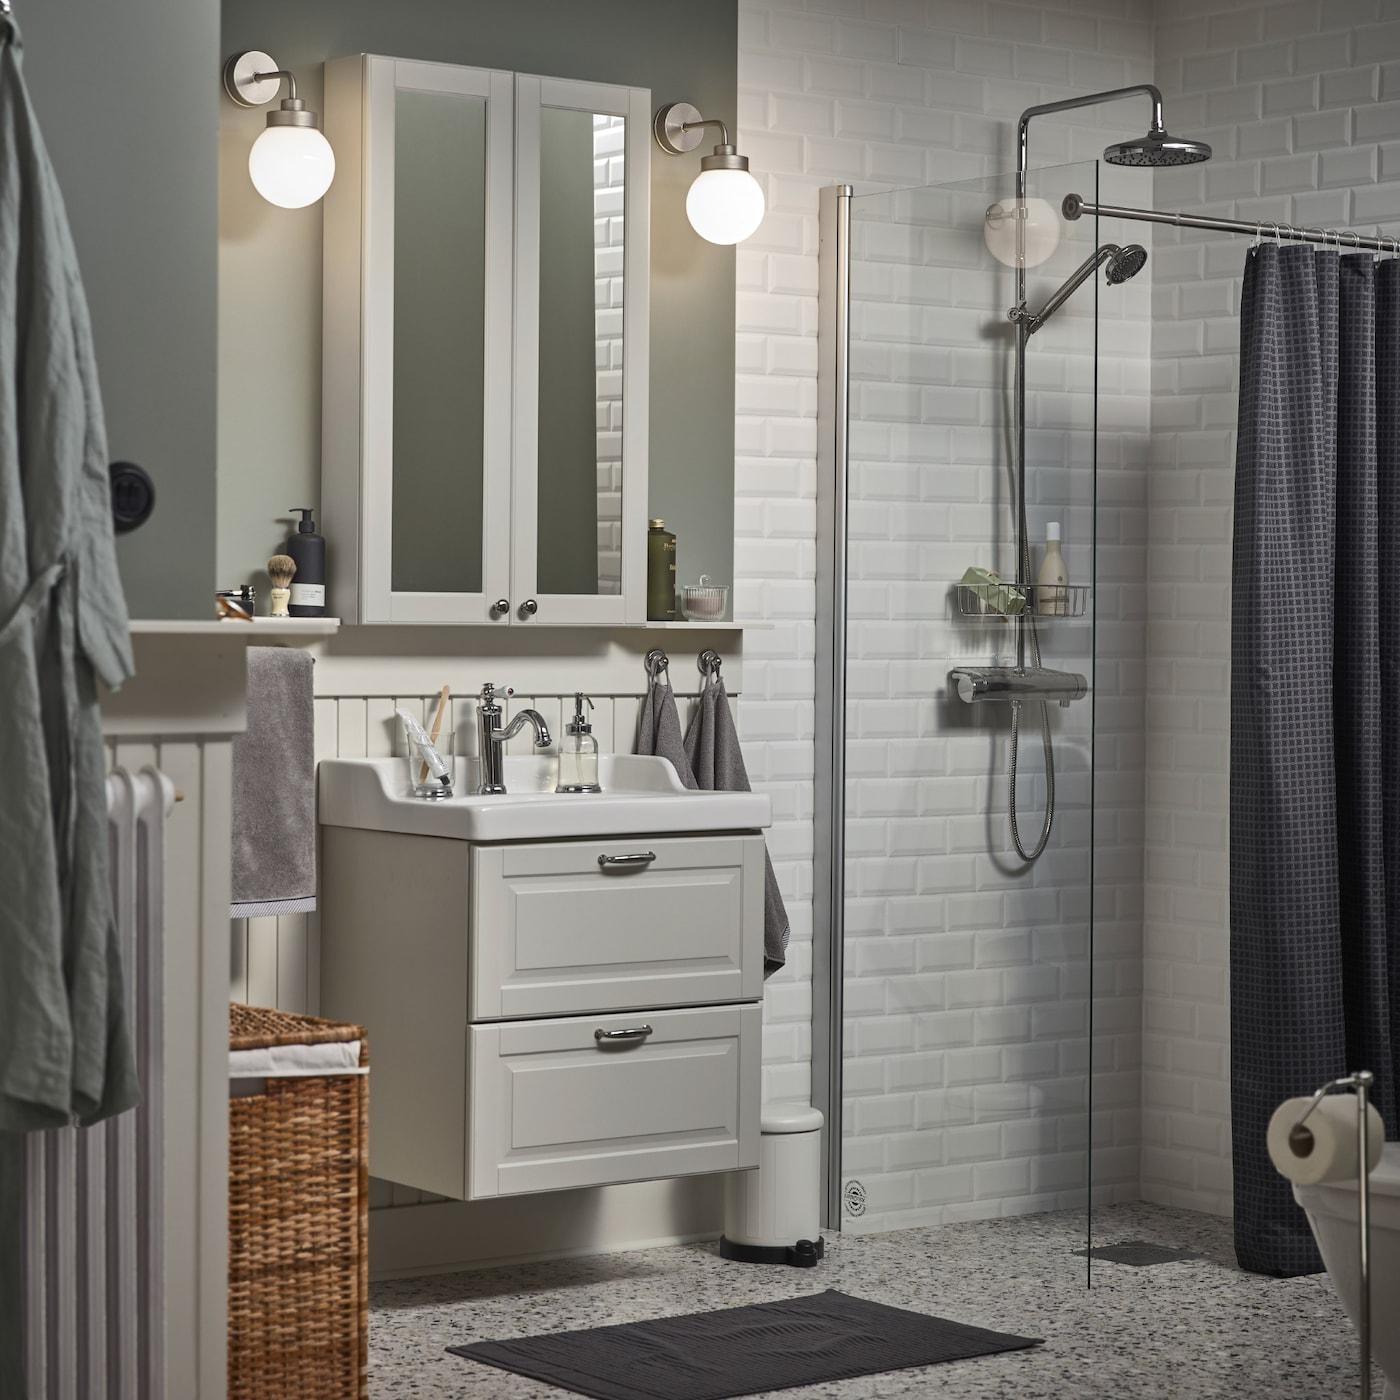 ホワイトのミラーキャビネット、グレーの洗面キャビネット、ダークグレーのバスマット、チャコールのシャワーカーテンを配した小さなバスルーム。